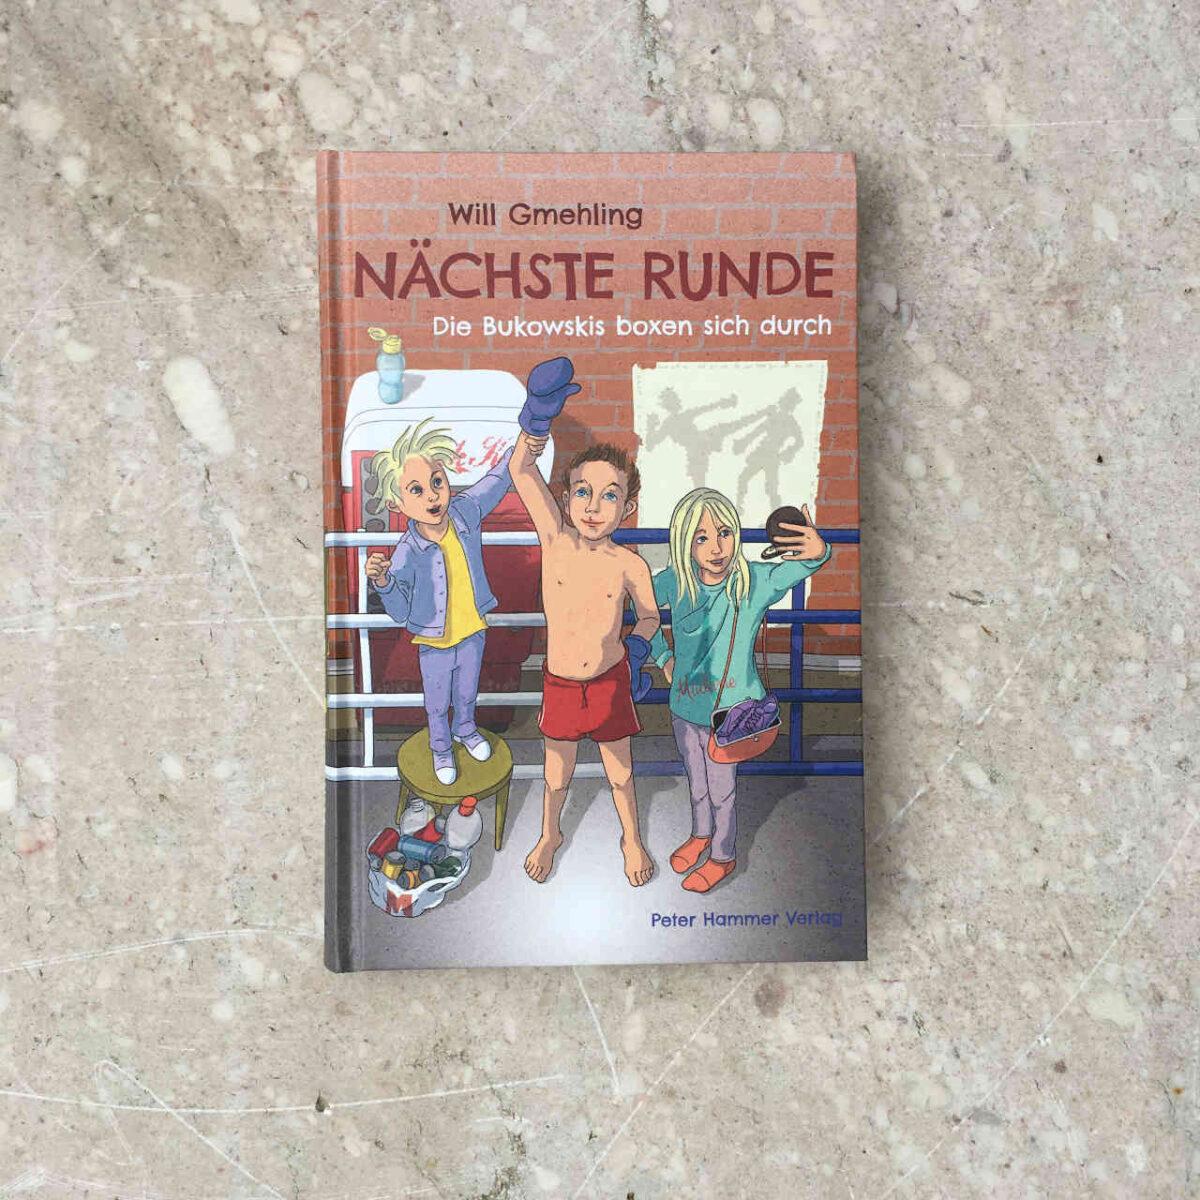 Will Gmehling Nächste Runde die Bukowskis schlagen sich durch Brigitte Wallingers Kinder- und Jugendbuchblog Buchtipps für Kinder und Jugendliche Kids und Teens Fantasy Epos High Fantasy Buchempfehlung musst du lesen Peter Hammer Verlag